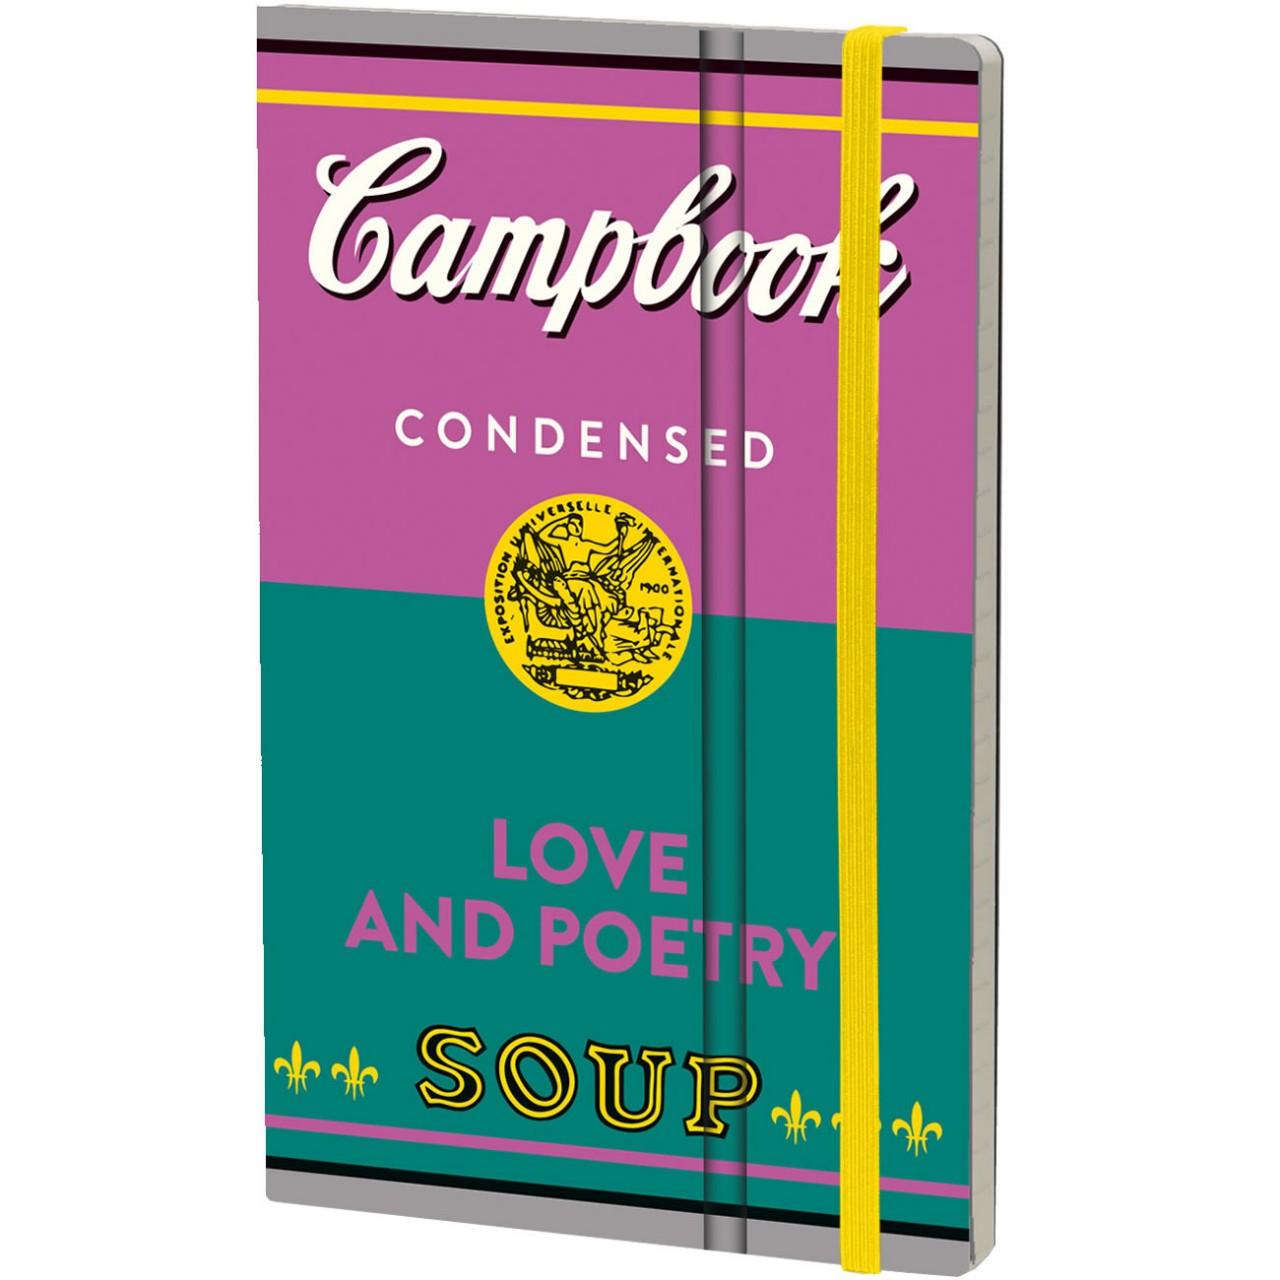 Stifflexible Notizbuch CAMPBOOK 9 x 14 cm 144 S., LOVE AND POETRY